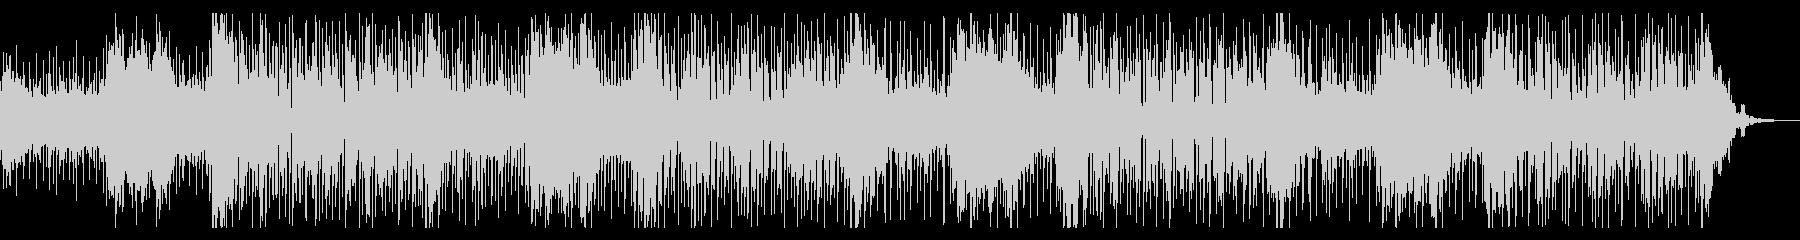 エスニックな雰囲気のアンビエントの未再生の波形